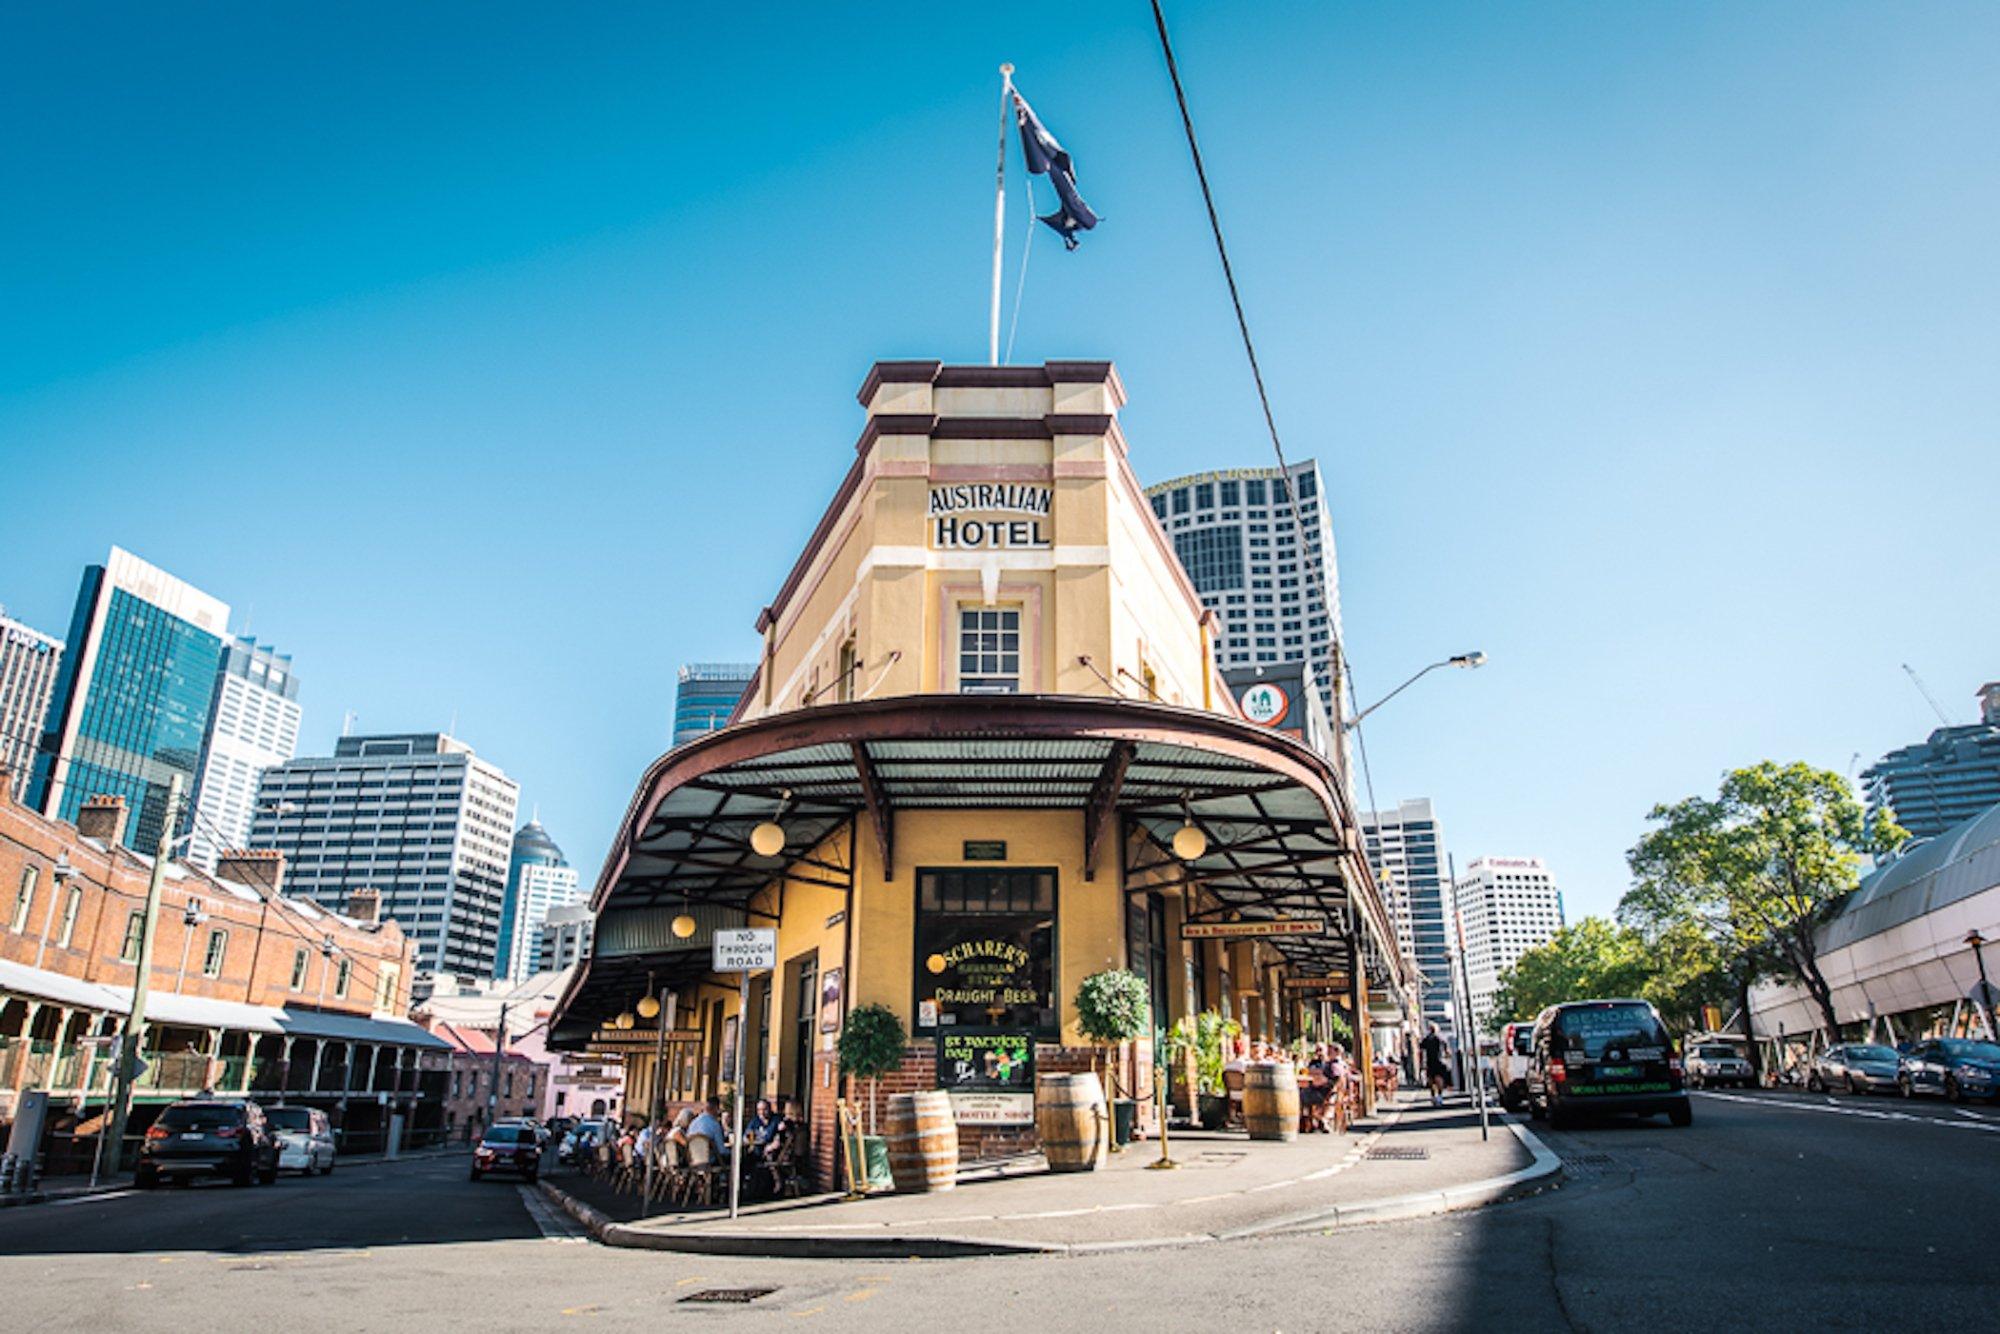 sydney heritage hotel - photo#2